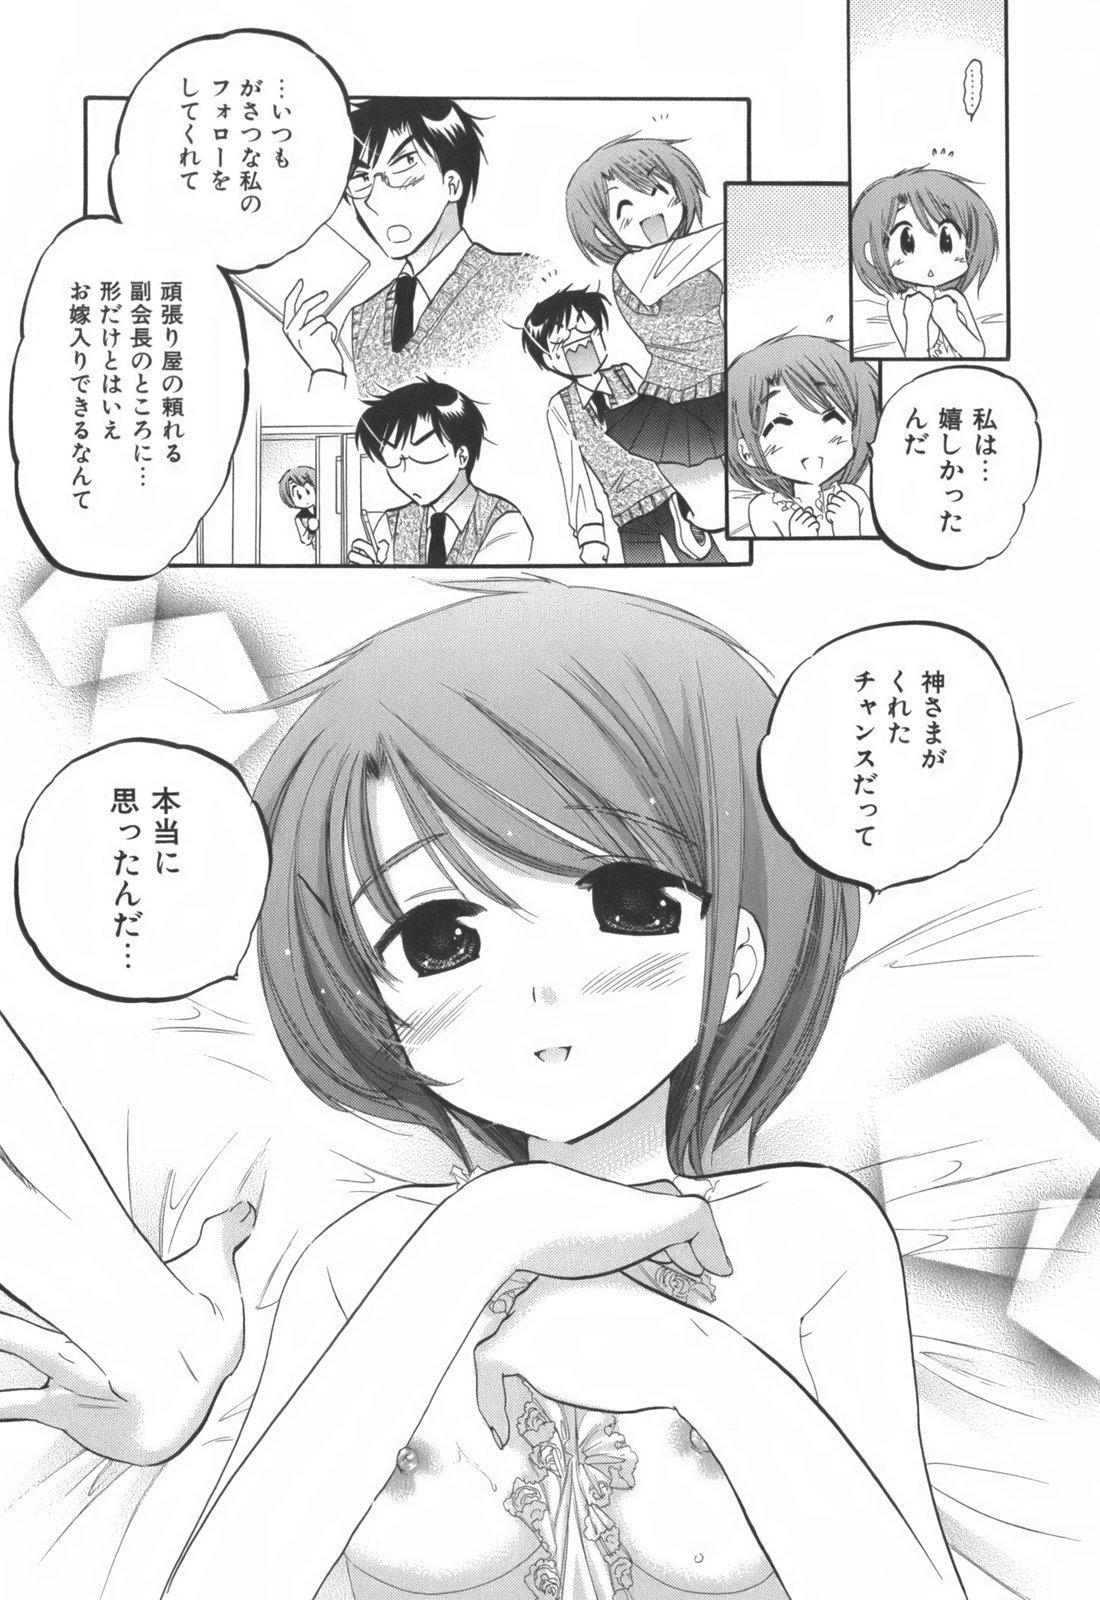 Okusama wa Seitokaichou 23